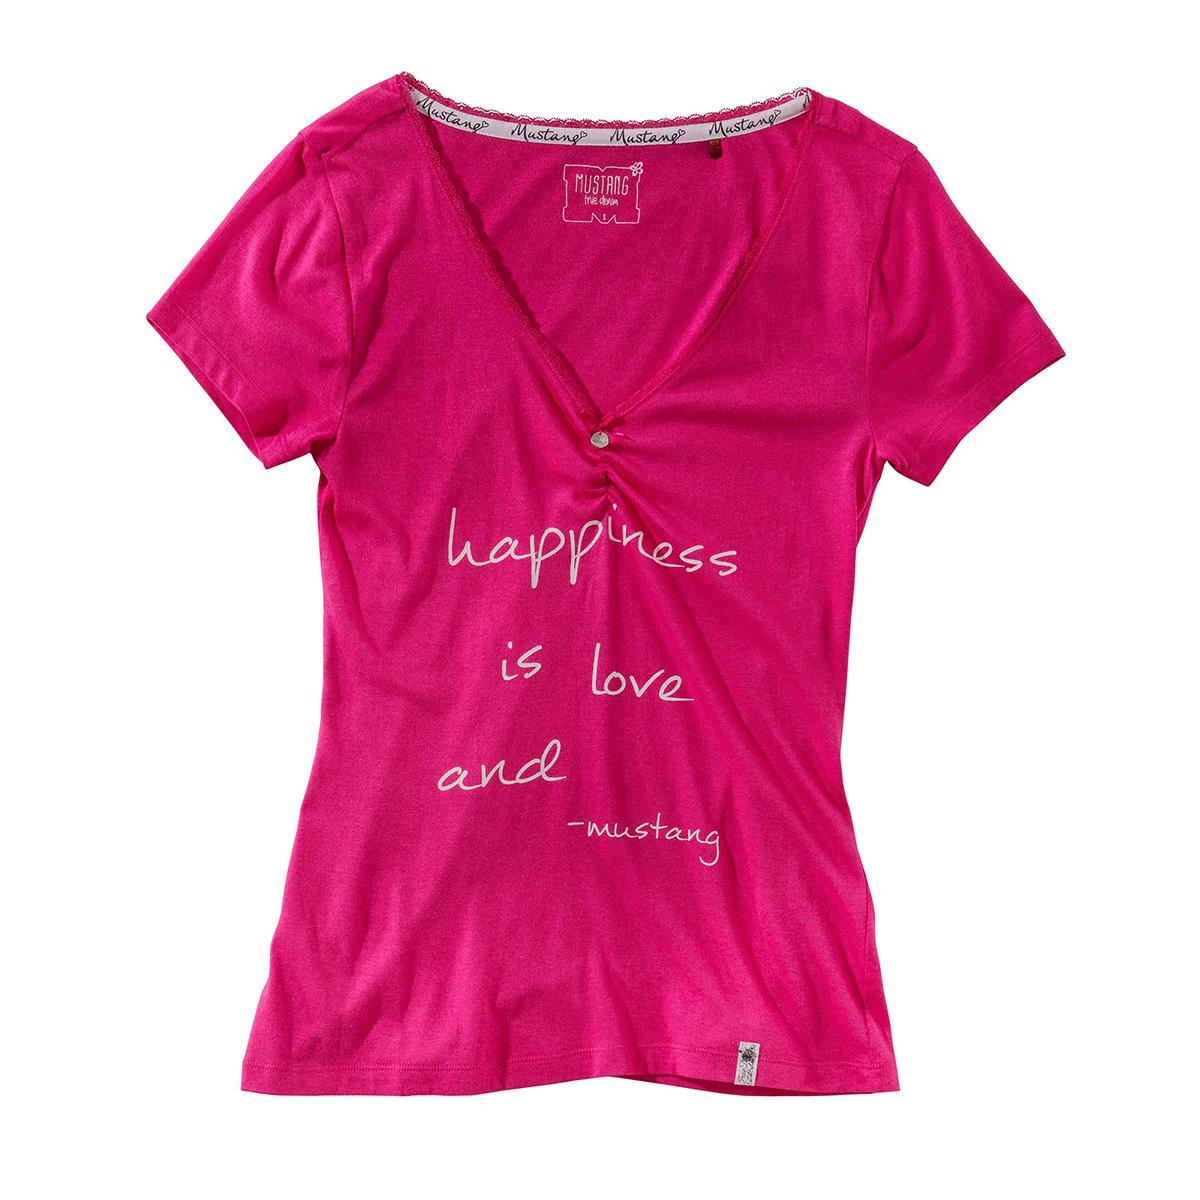 Mustang Damen Freizeitshirt kurzarm pink